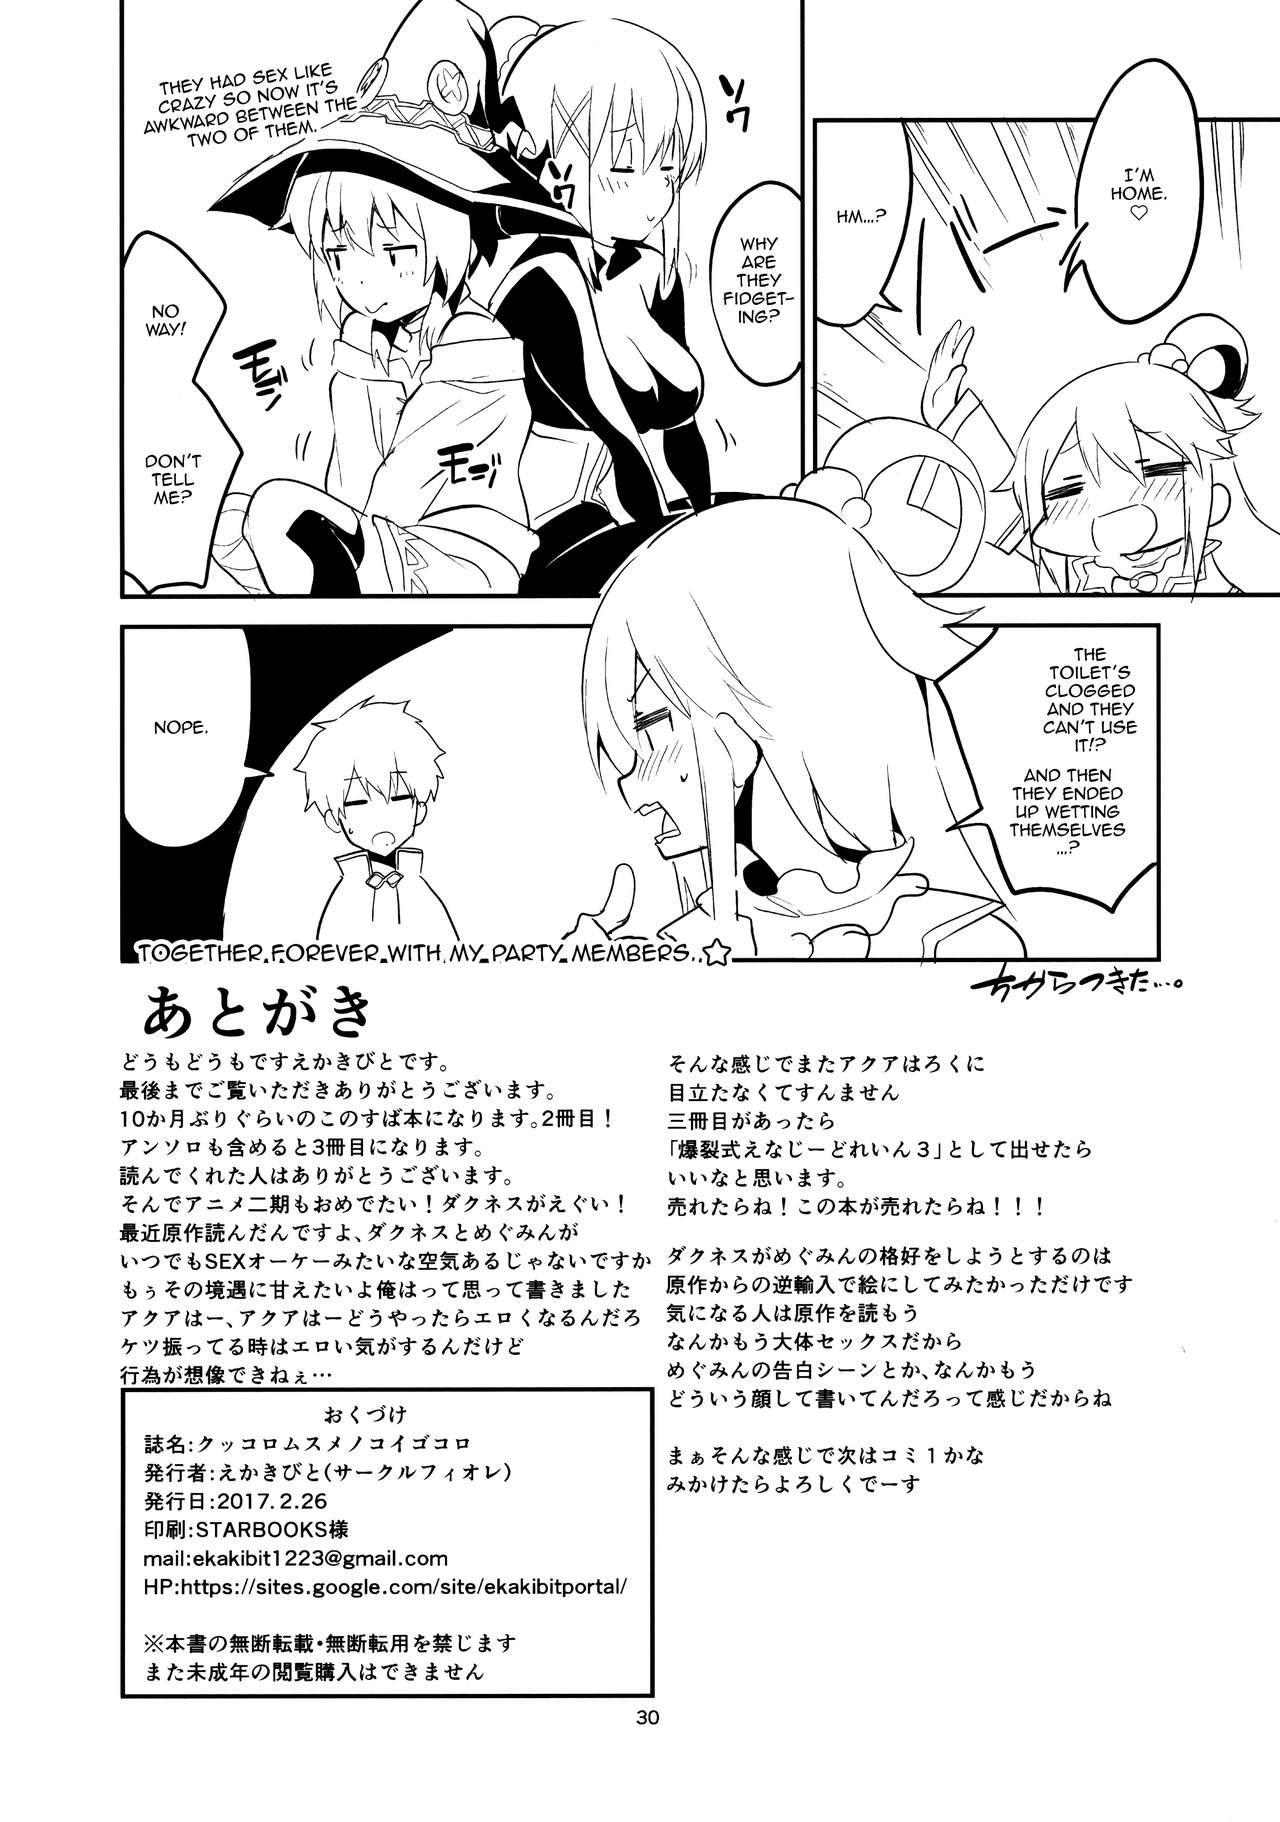 Kukkoro Musume no Koigokoro 28